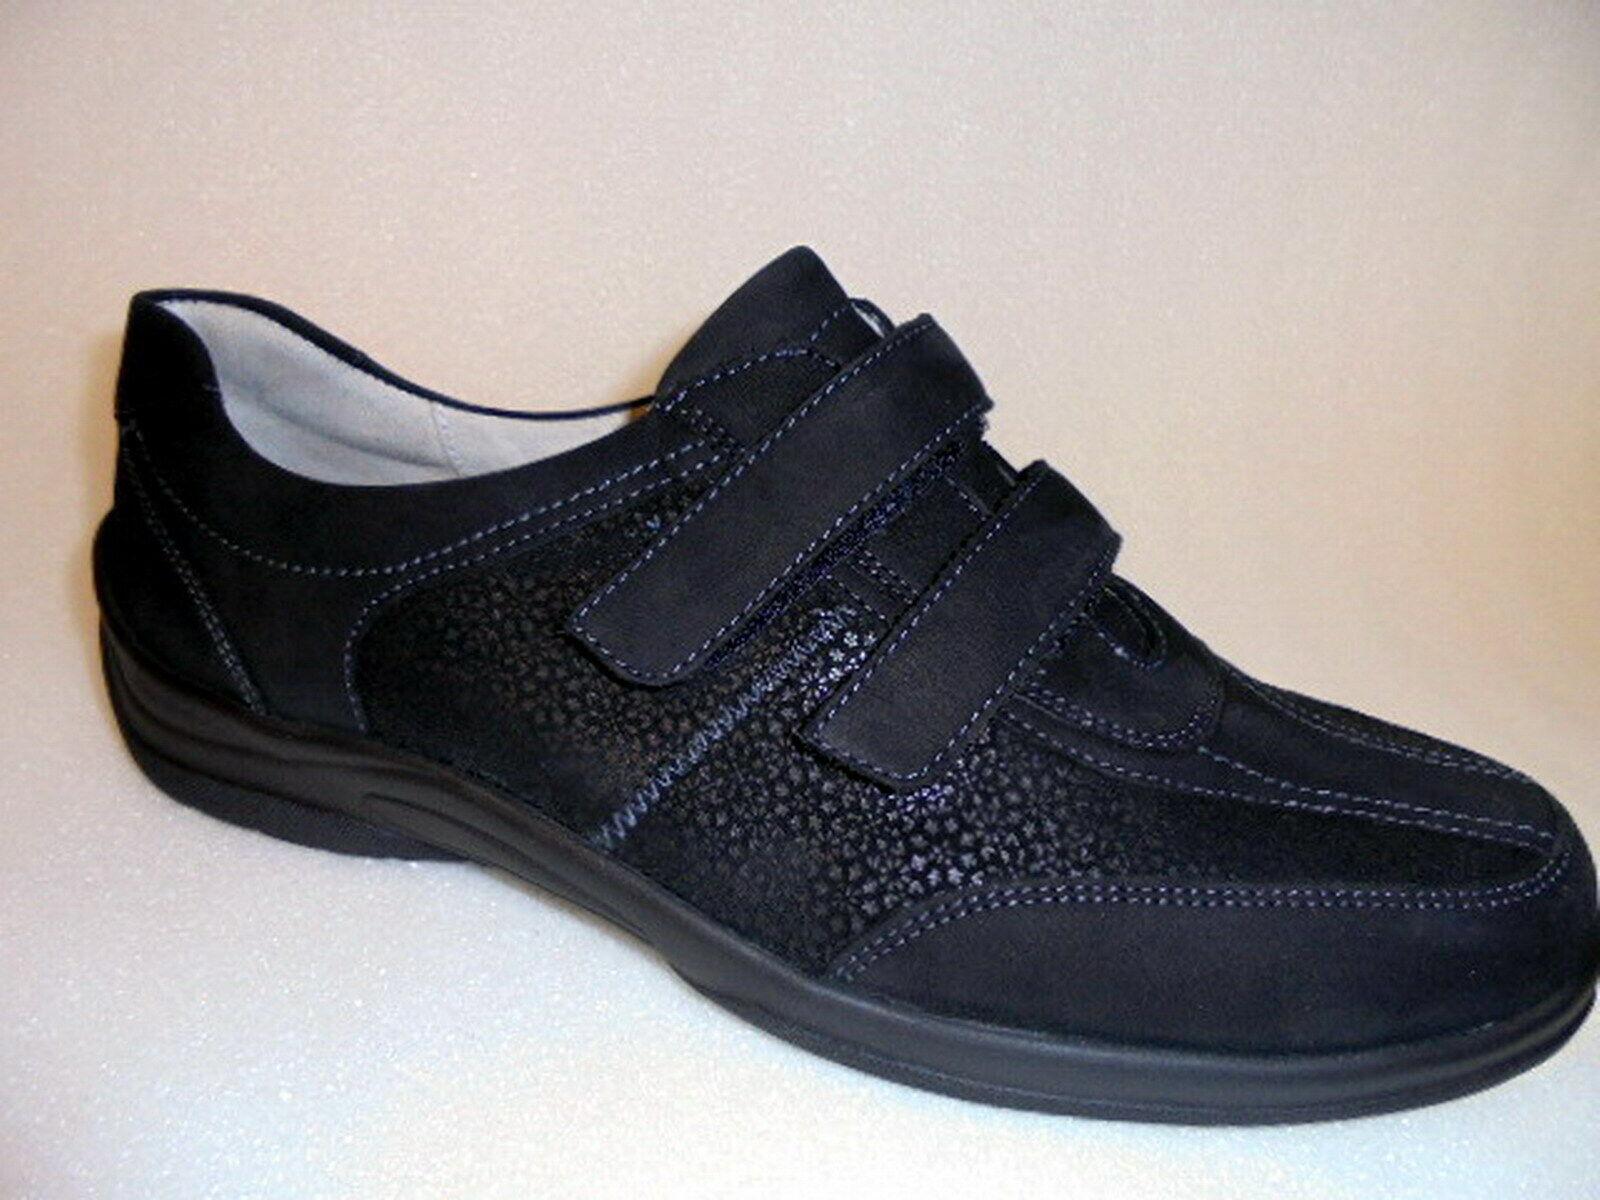 Schwarze Schuhe ASOS Gr. 39 Boots Halbschuhe Schnürschuhe black